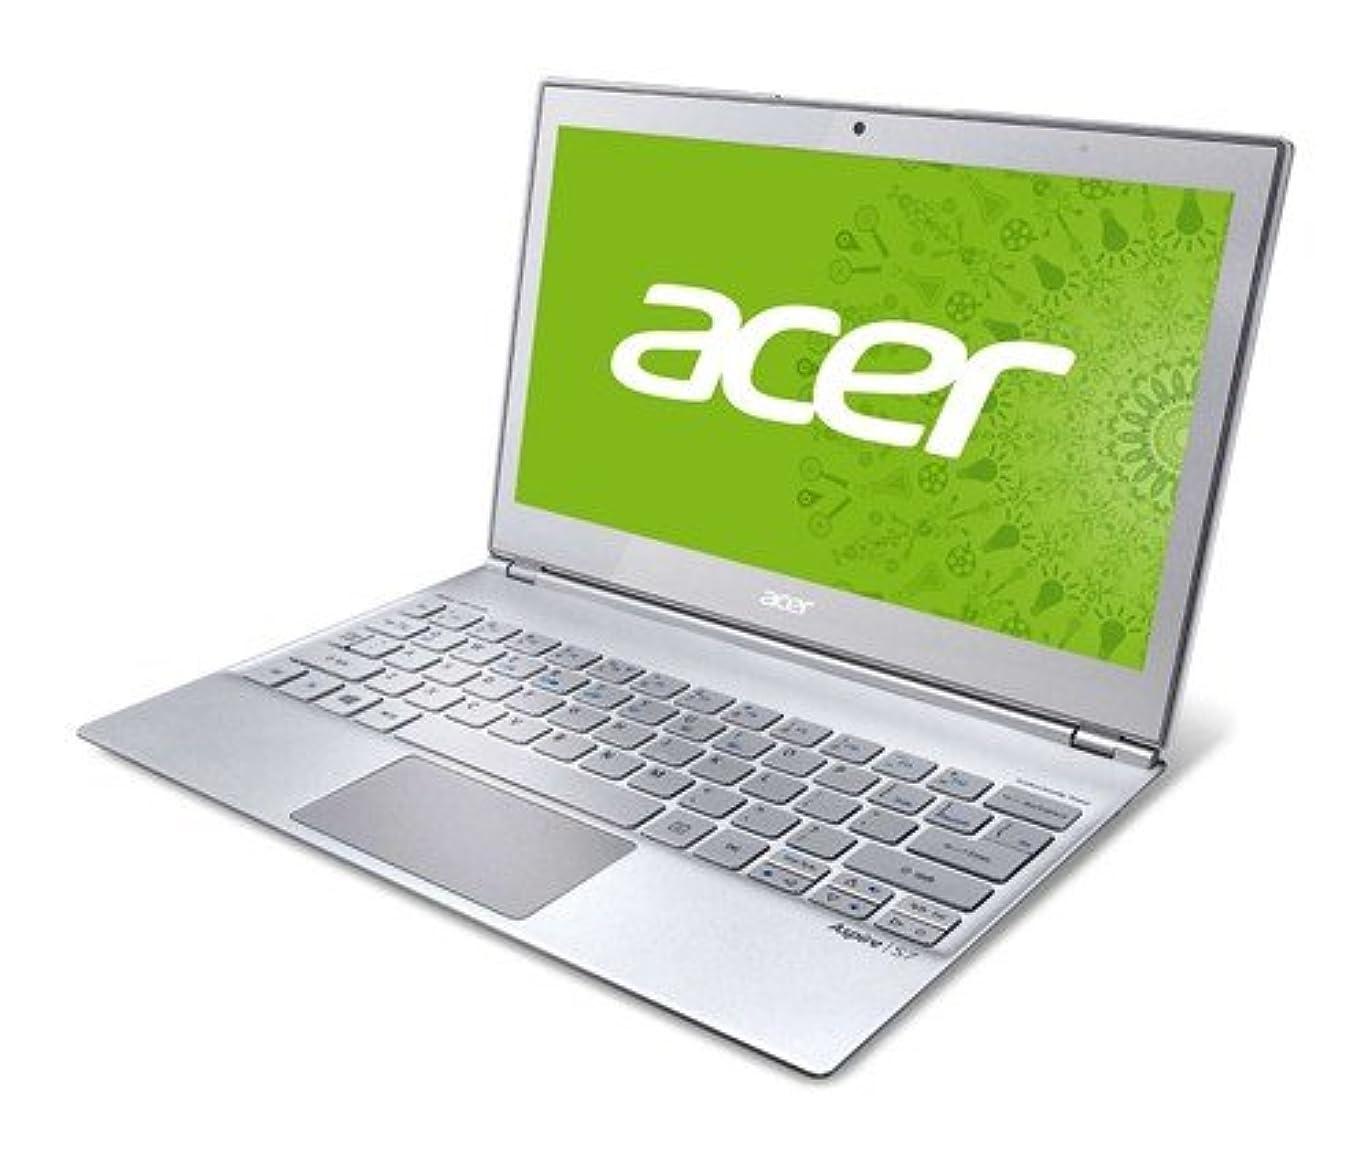 革新クラック幻滅するacer  Aspire S7シリーズ ノートPC ( 11.6型 / Corei7-3517U / 4GB / 128GB SSD / Win8 64bit / シルバー / タッチ対応 )  S7-191-F74Q